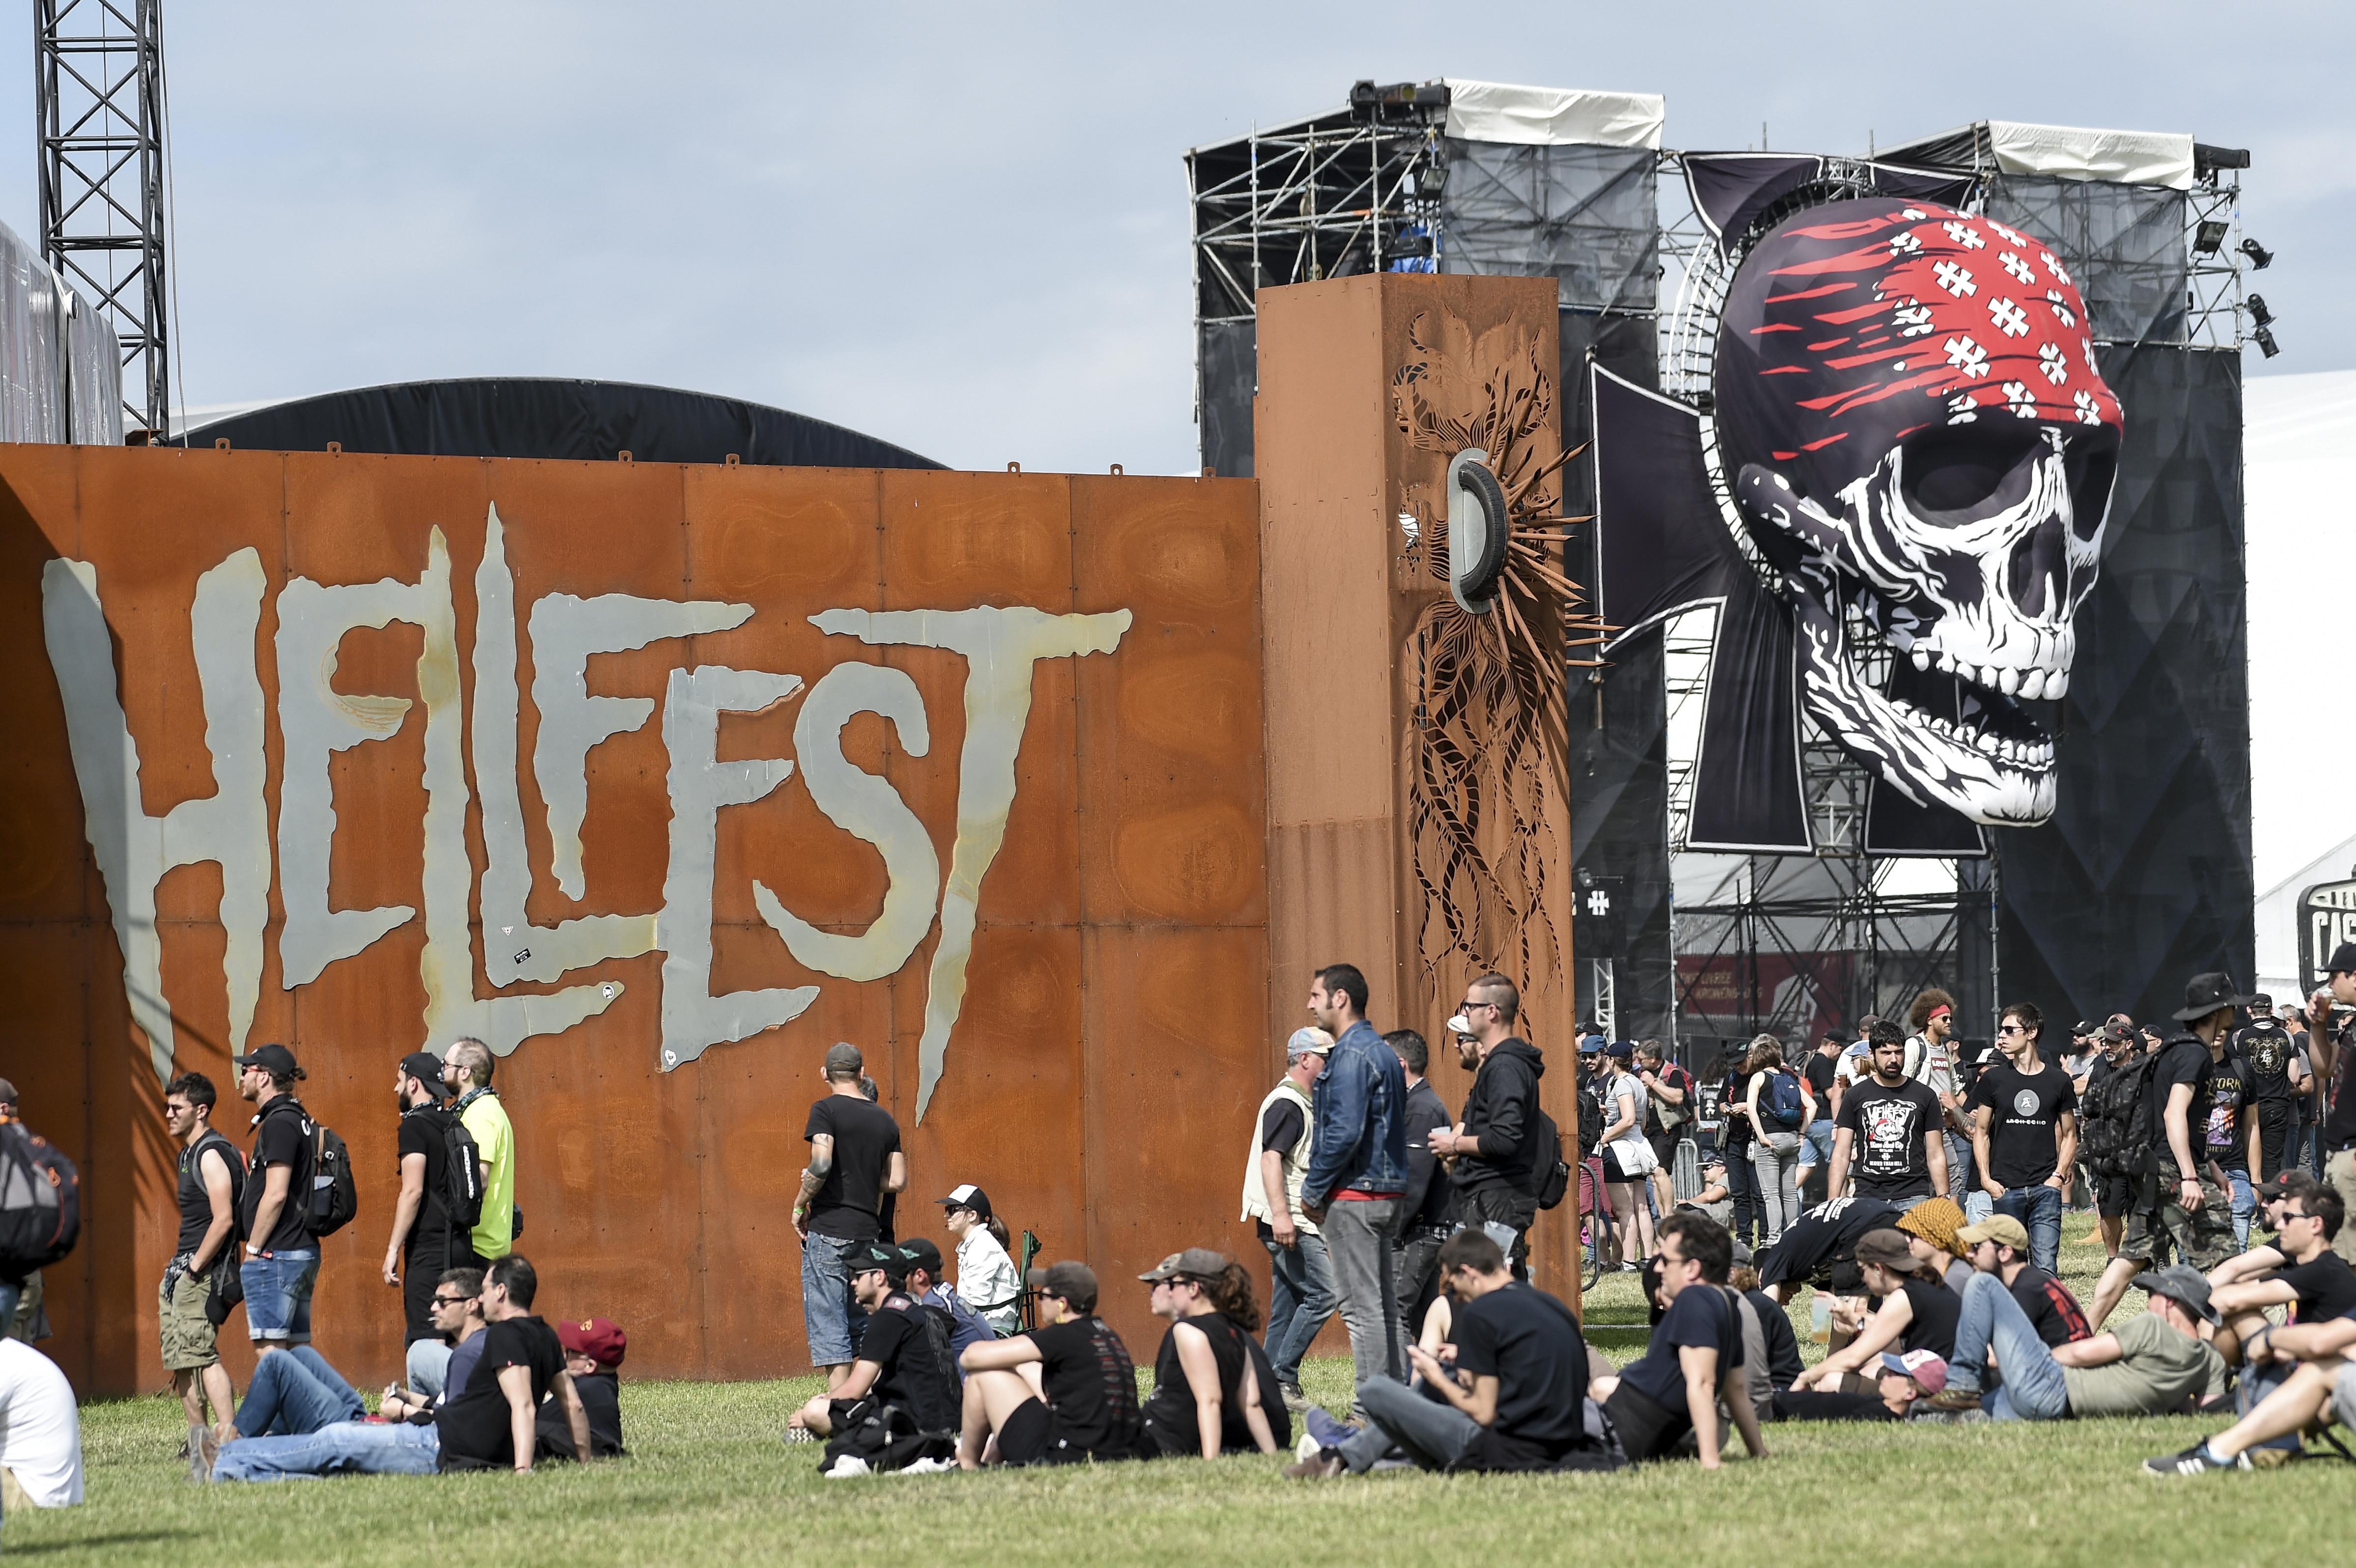 Appel à témoin pour le violeur présumé — Festival Hellfest